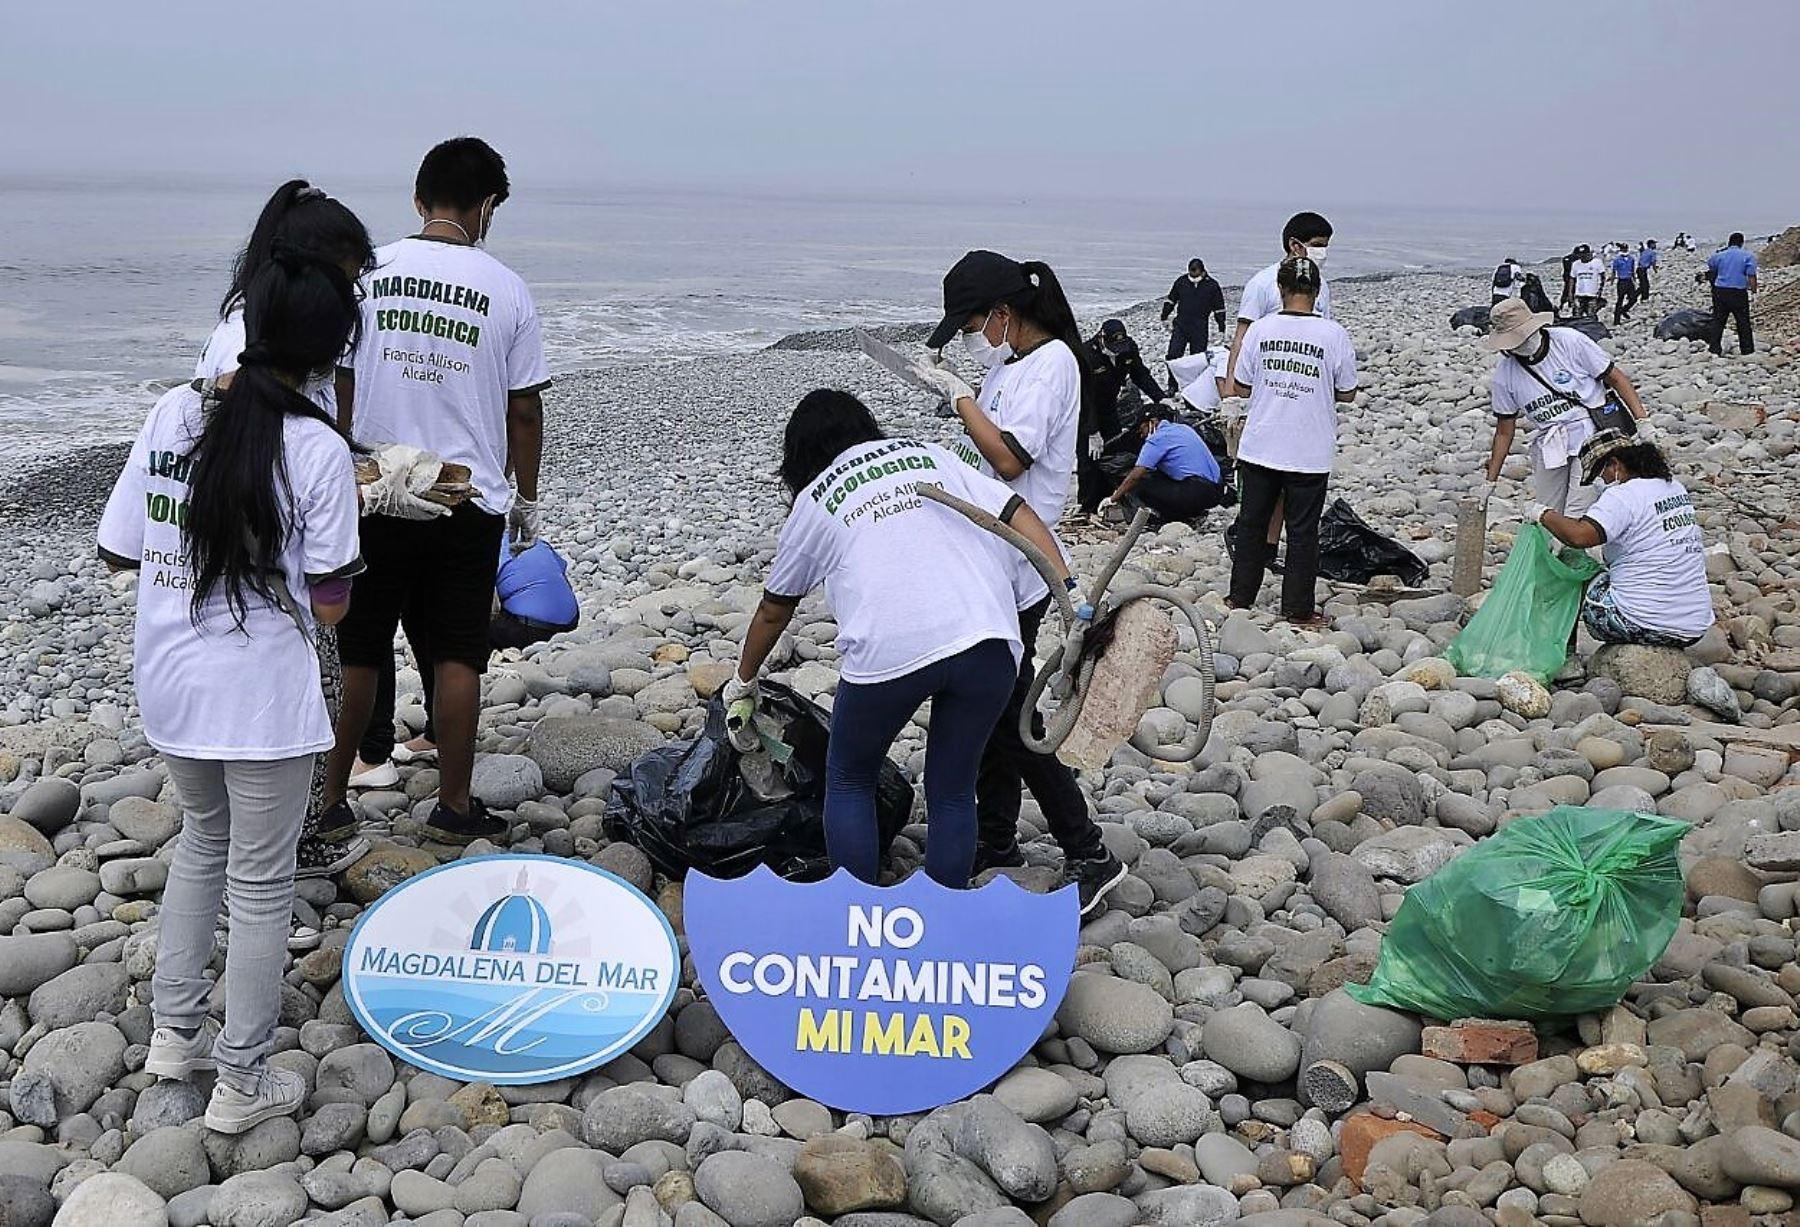 Voluntarios recogieron más de 2 toneladas de desechos en playa de Costa Verde. Foto: ANDINA/Difusión.